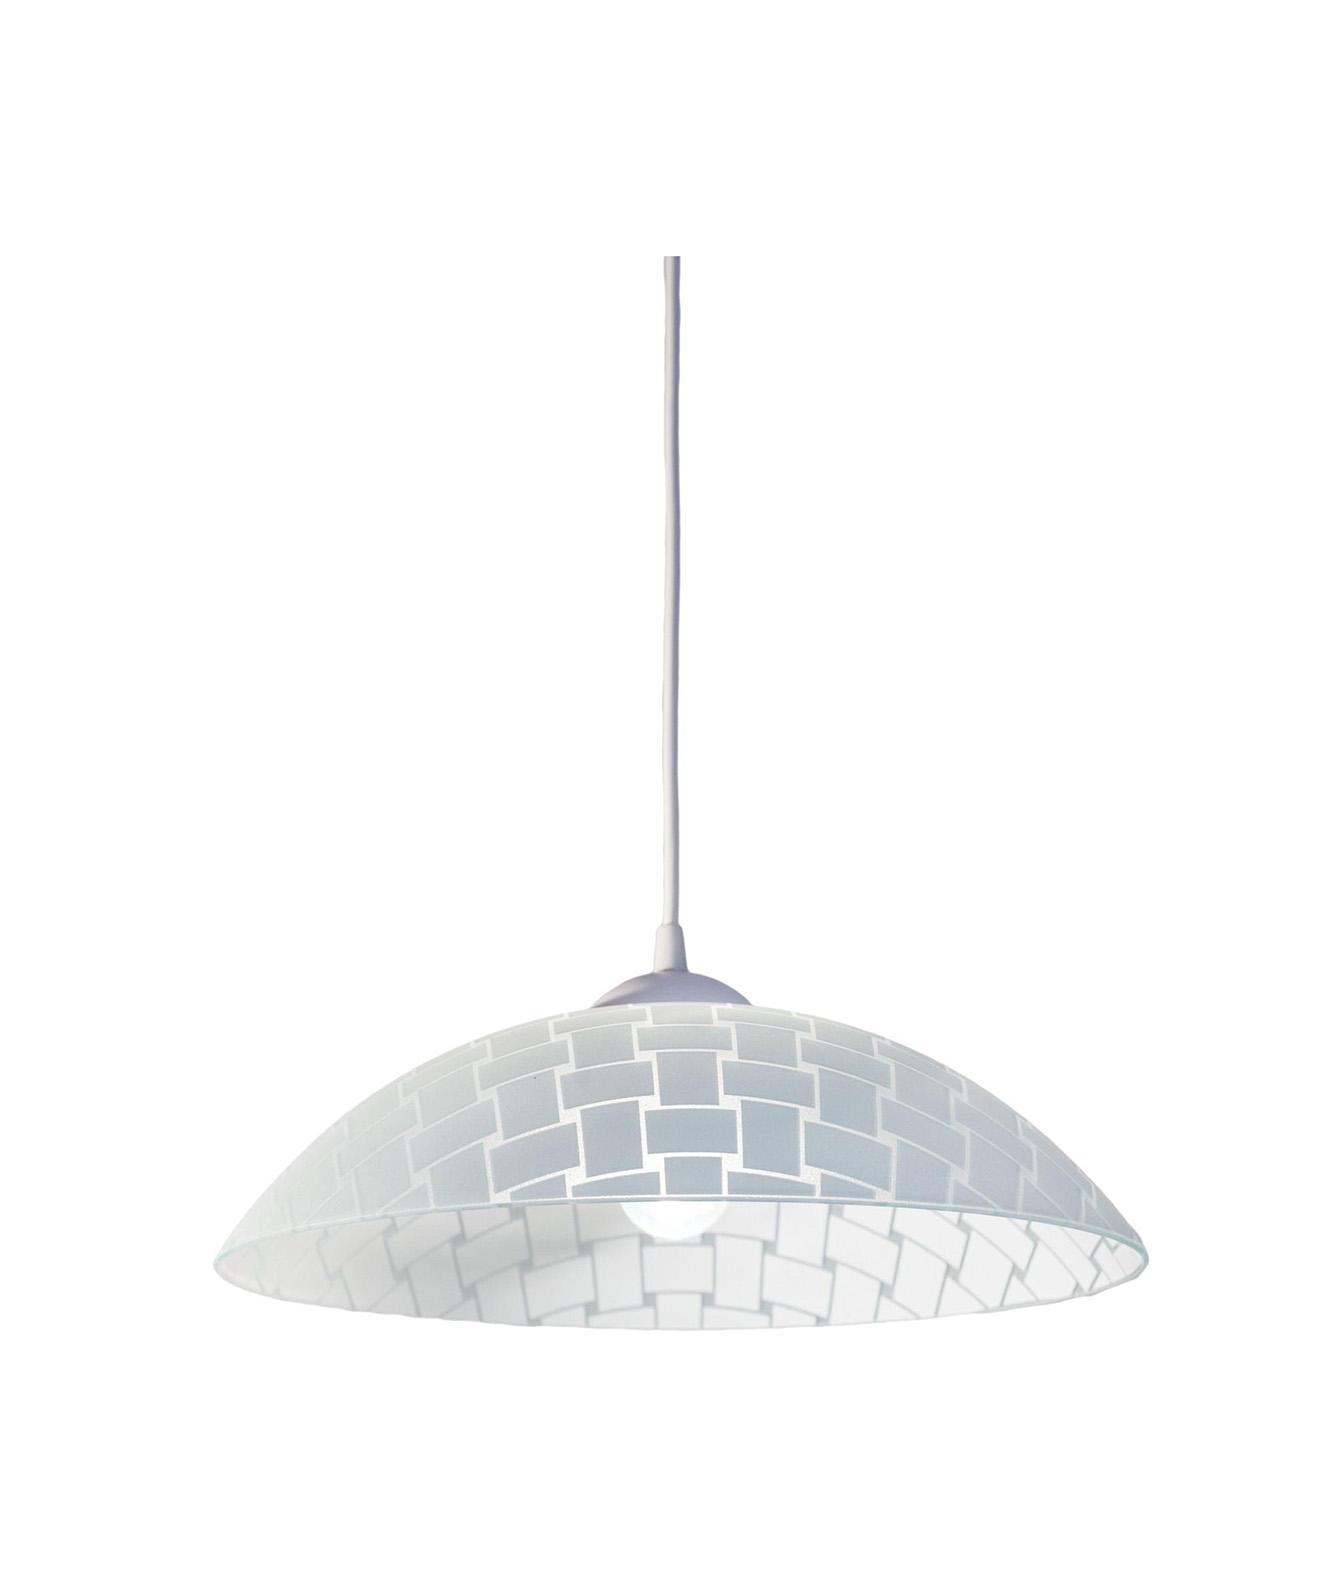 Светильник подвесной Arte lamp A3421sp-1wh